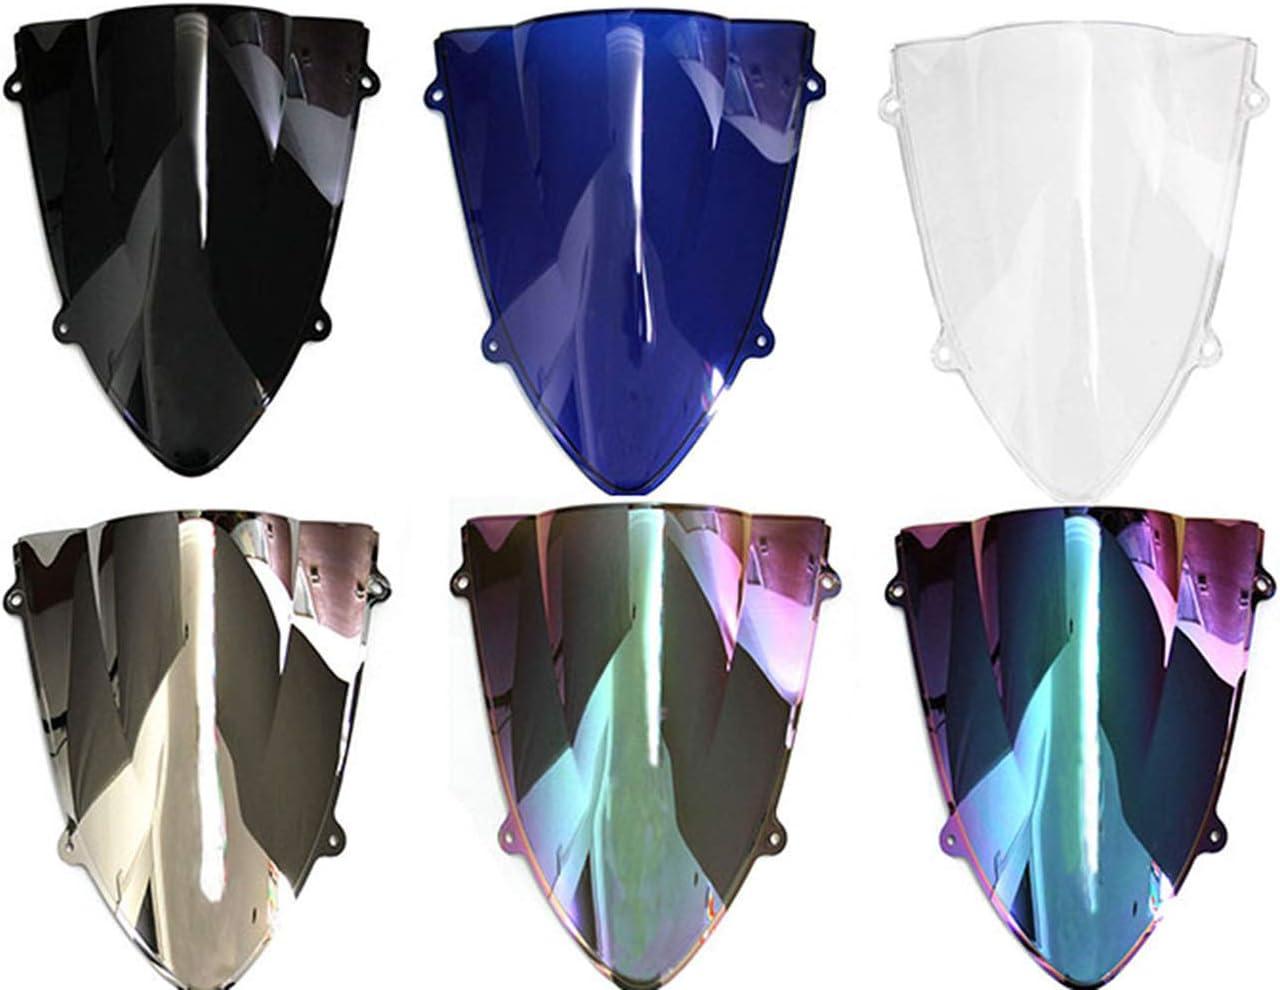 Complete Free Shipping Double Bubble sale Windscreen Wind Kawasak Windshields Deflectors For